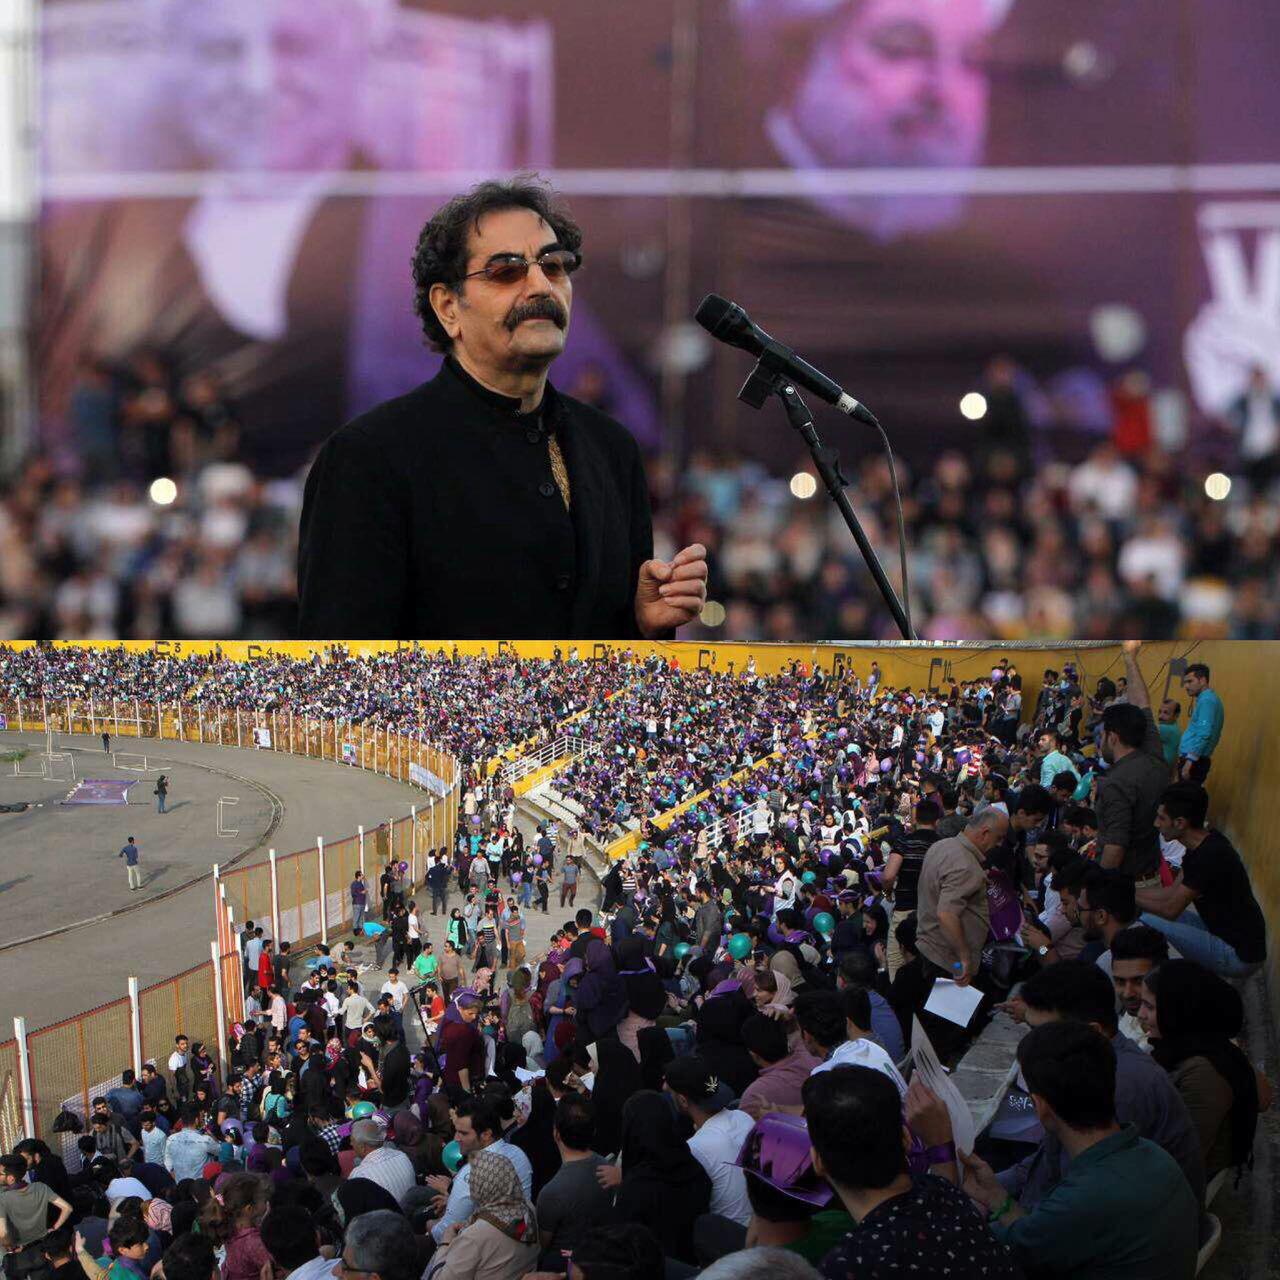 عکس/ جشن بزرگ هواداران روحانی با حضور شهرام ناظری در ورزشگاه عضدی رشت